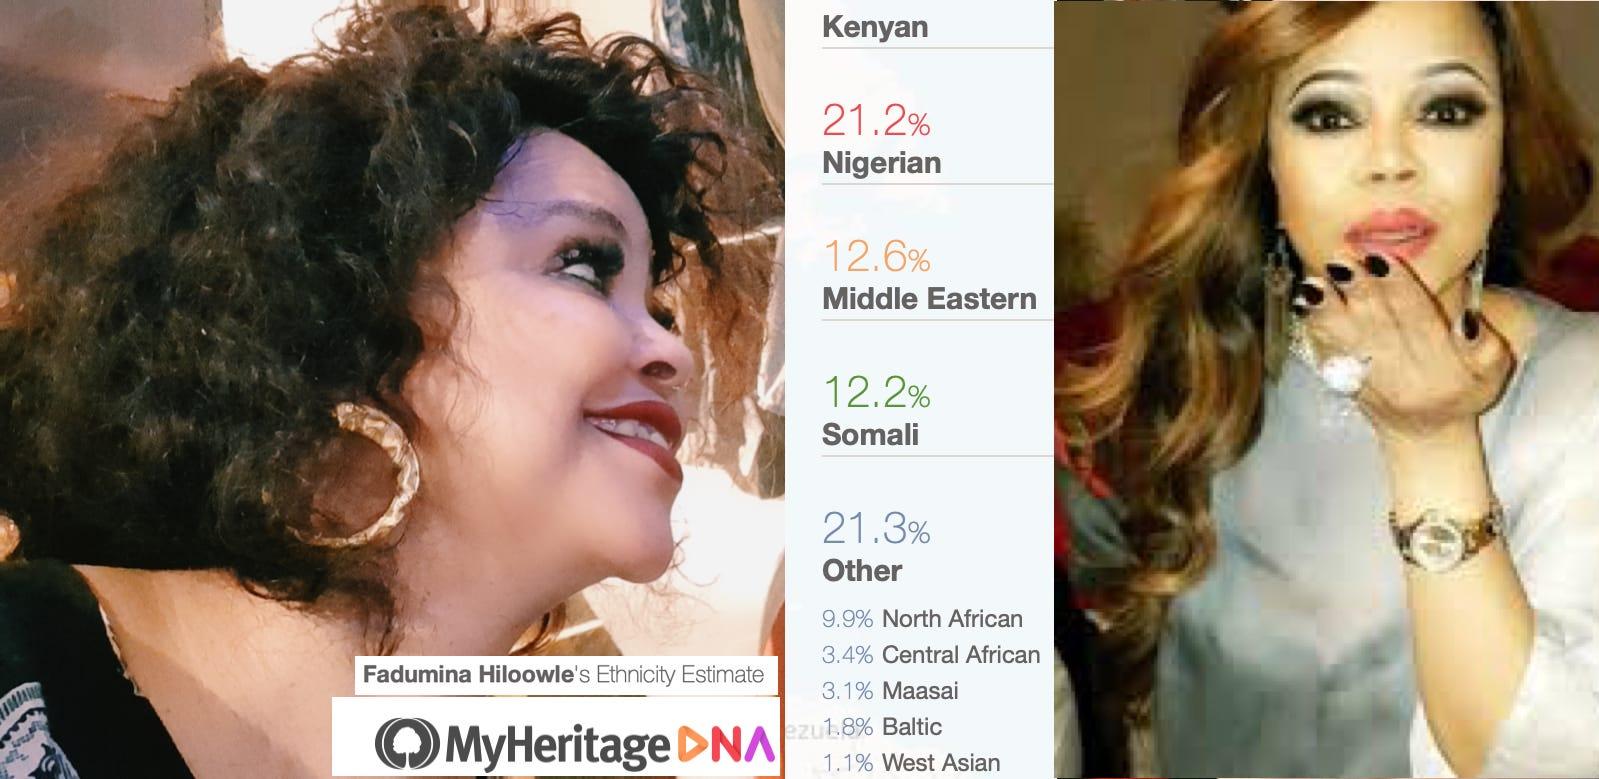 DAAWO Fanaanad Somalia oo noqotay Negerian iyo Kenyan asal ahaan DNA laga qaaday kadib